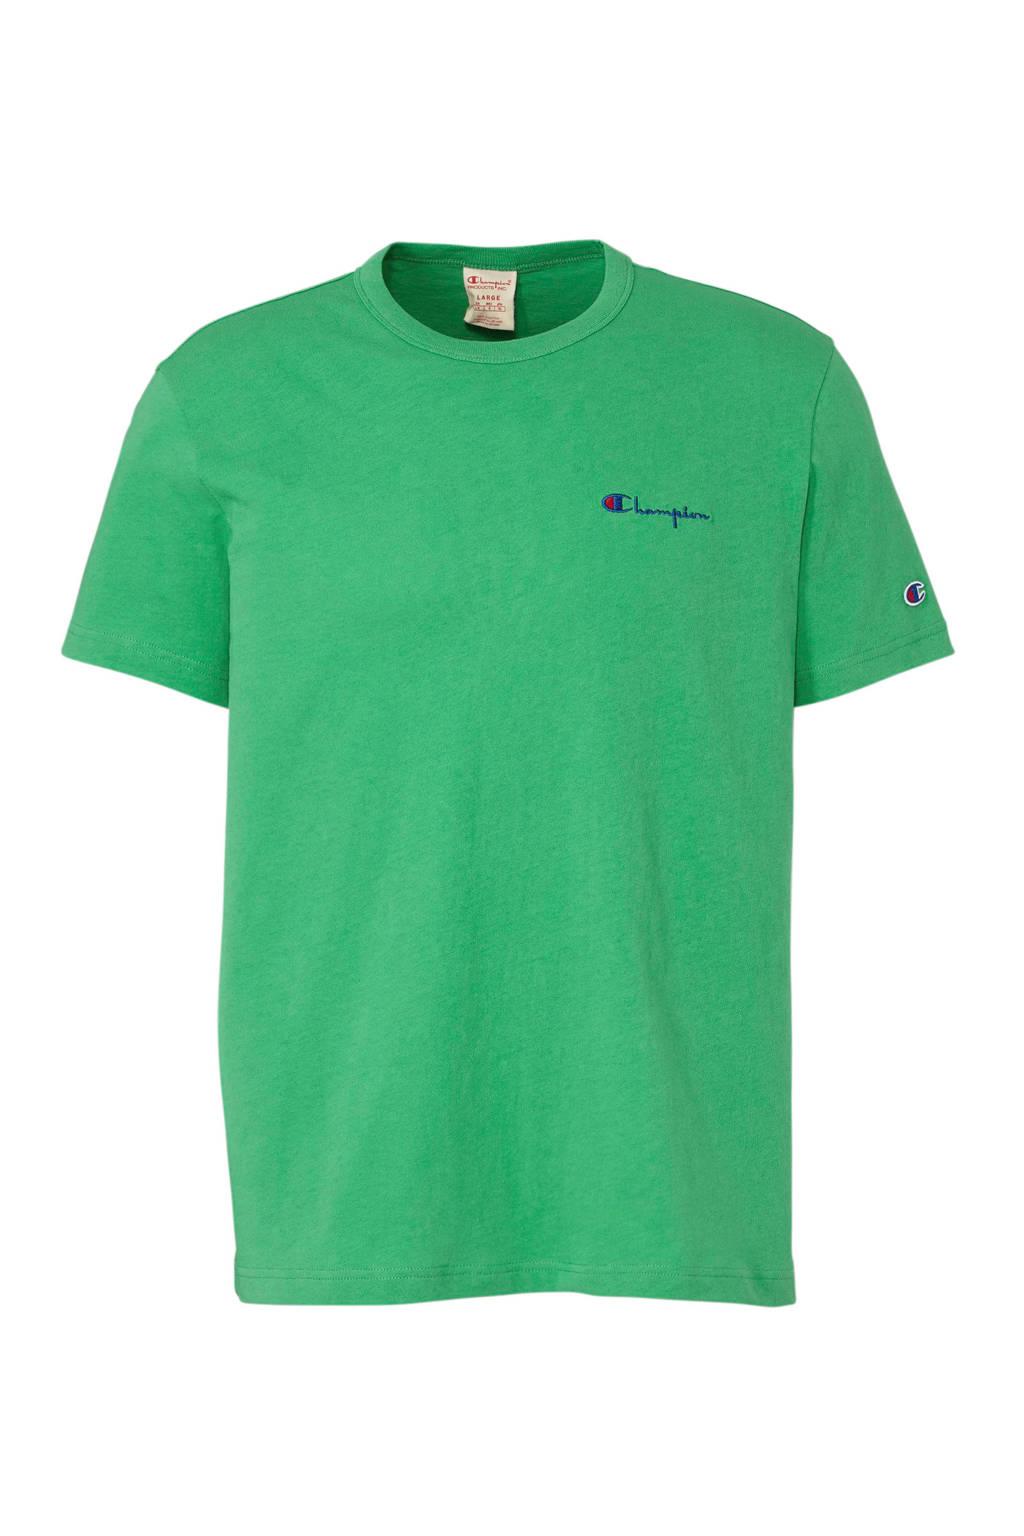 Champion T-shirt, Groen